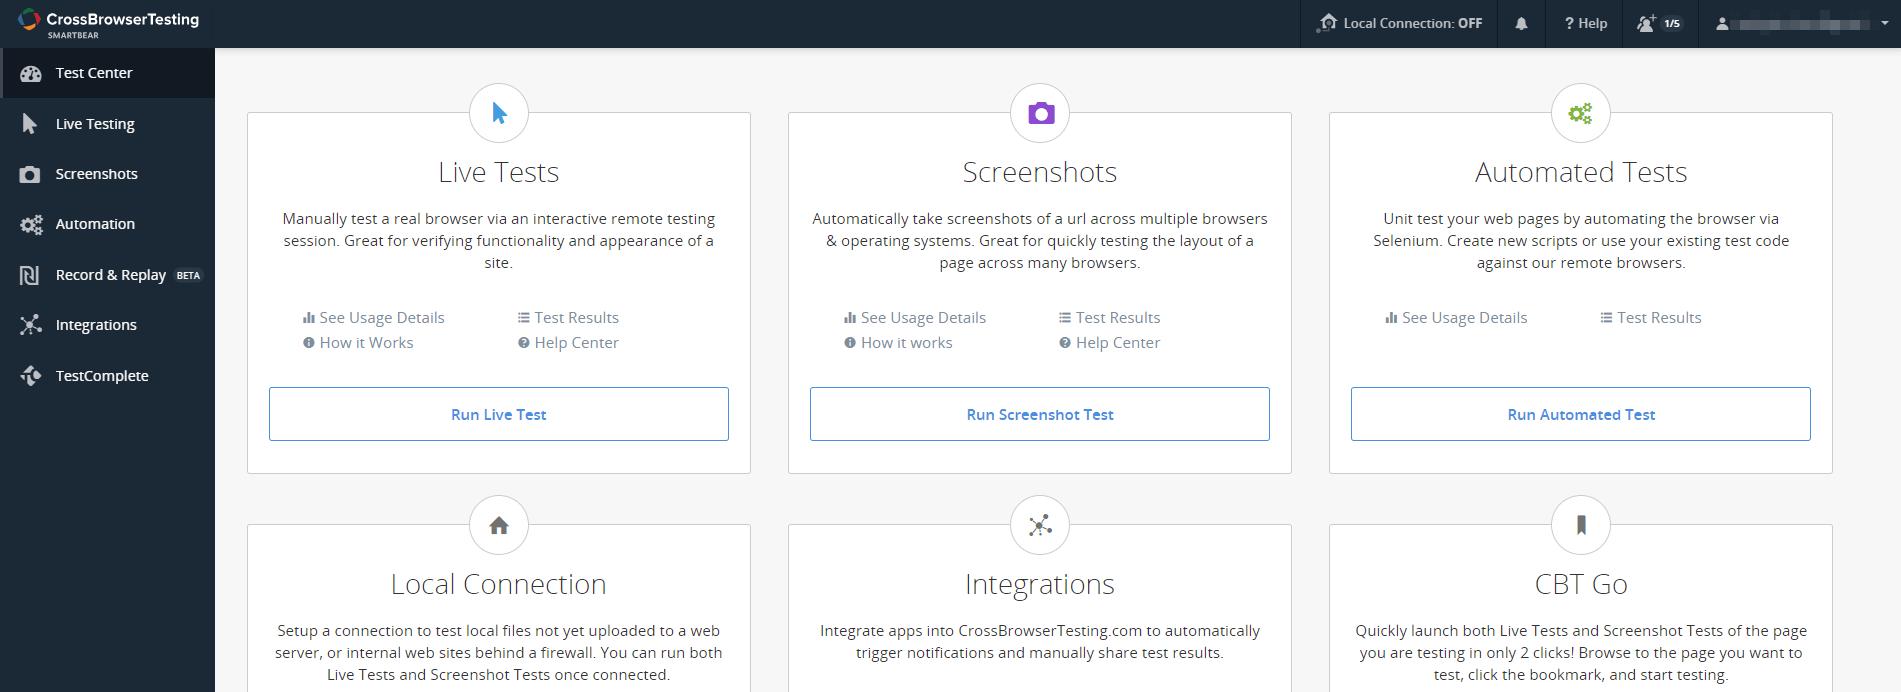 Панель мониторинга на сайте https://crossbrowsertesting.com